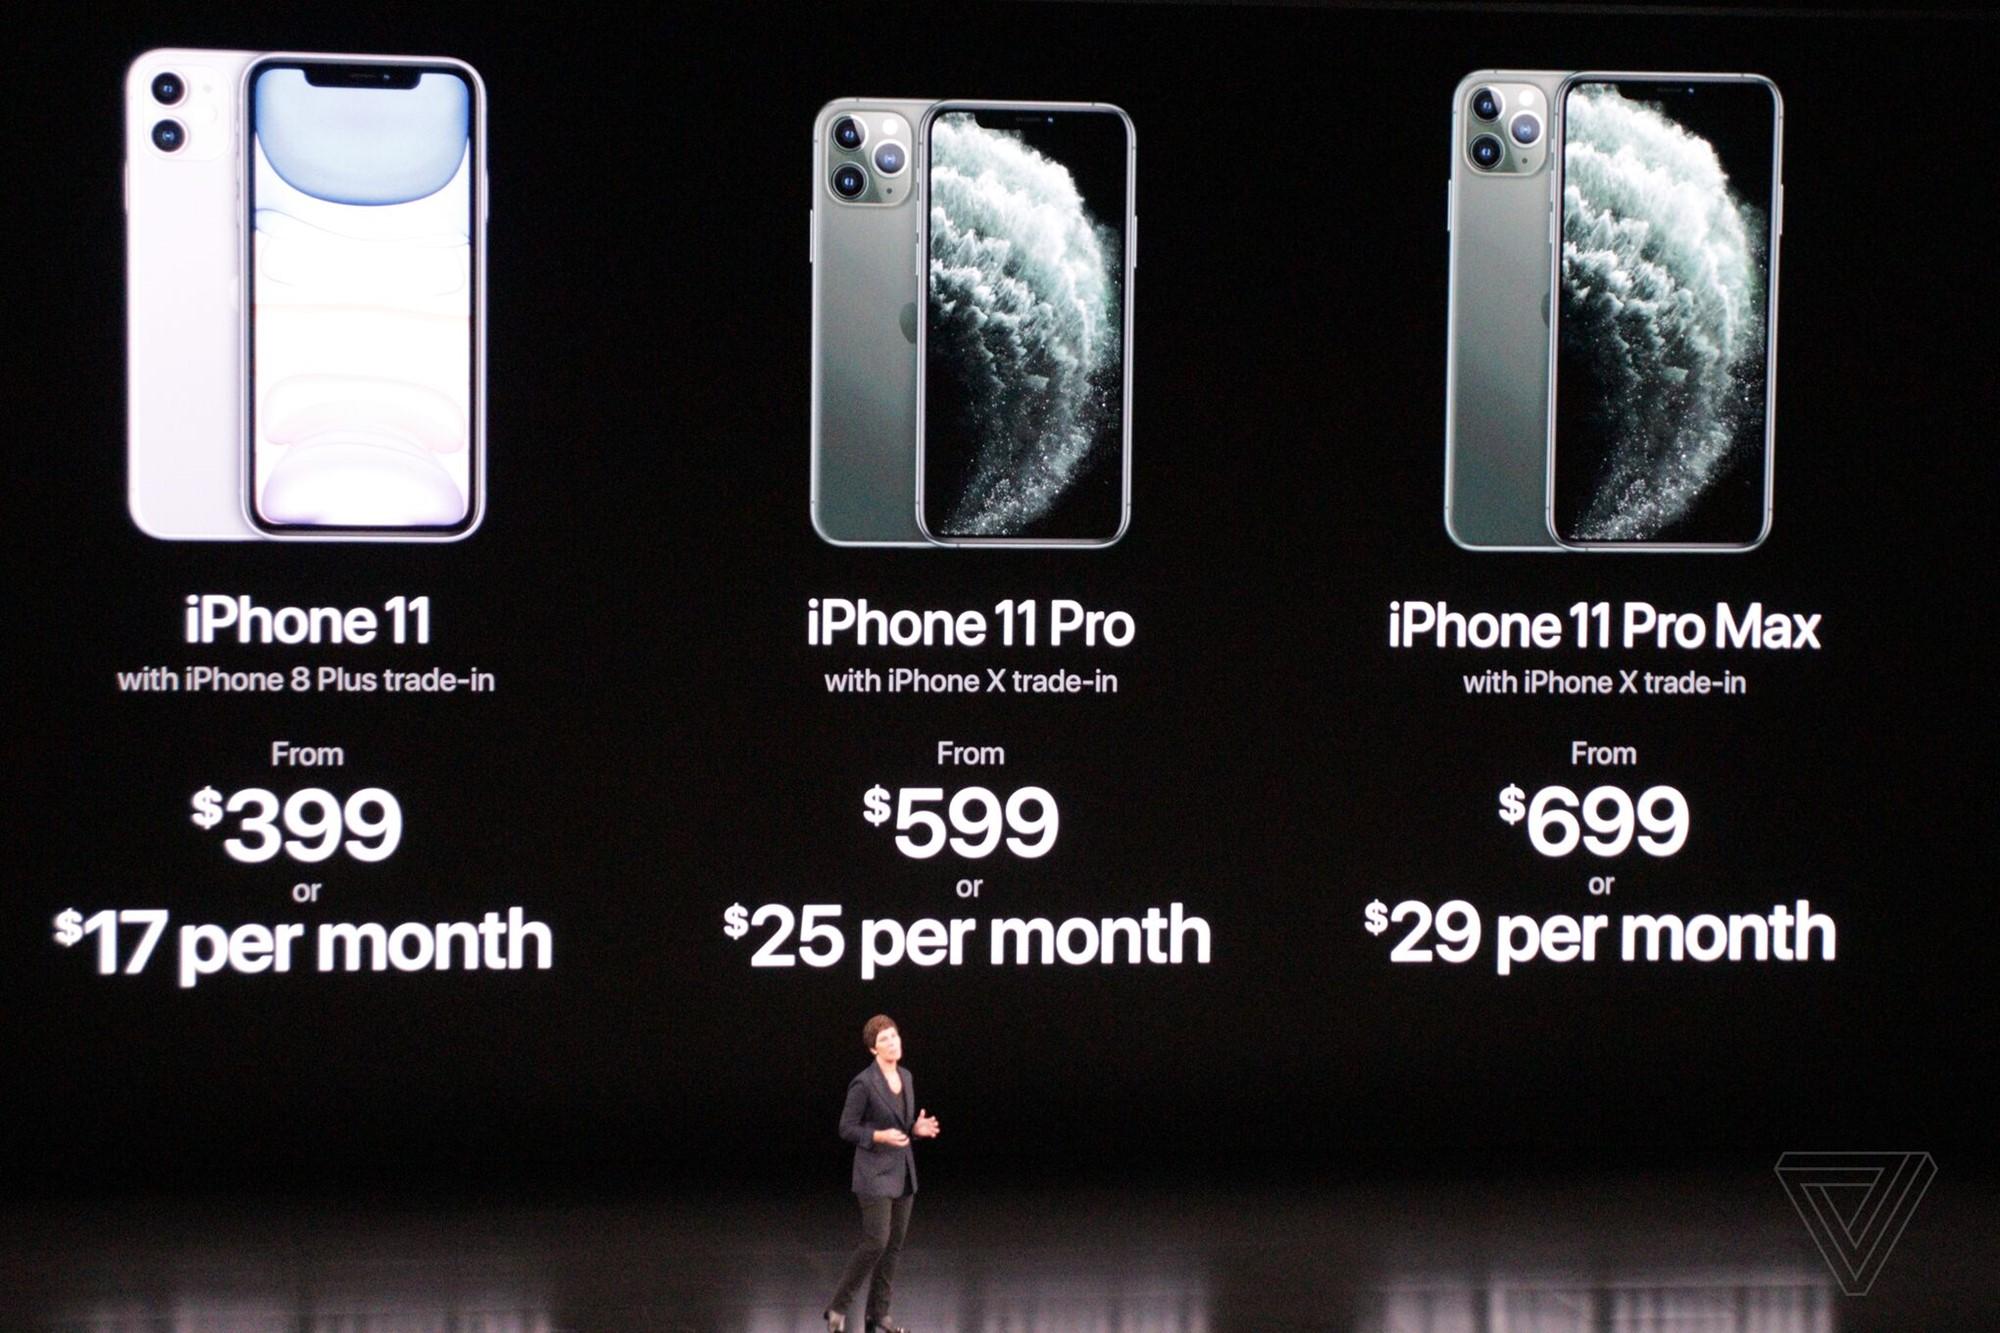 lcimg-46921e8f-656a-43ba-93c2-3aa737e2c64c Sự kiện công bố Apple iPhone 11 mới: Camera góc siêu rộng 120 độ, pin lớn hơn tới 5h so với iPhone XR, giá chỉ từ 699$